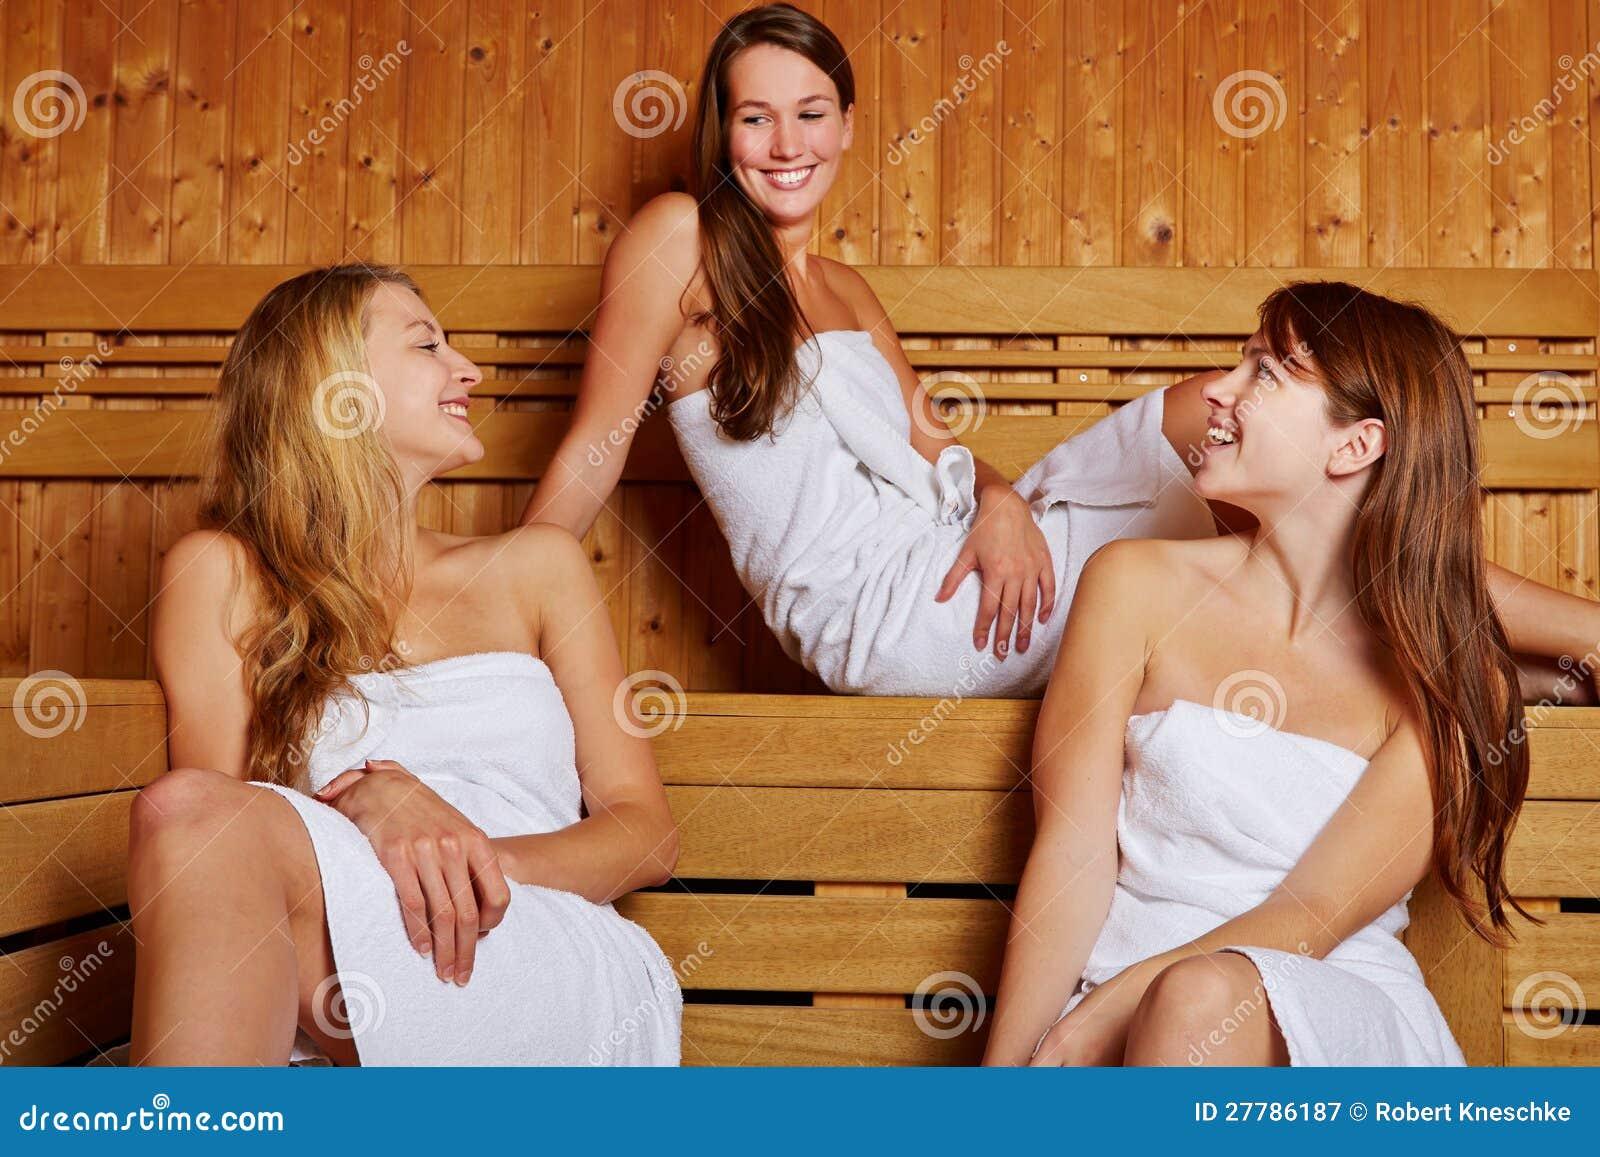 Пригласили подругу для секса, Секс Пригласили Подругу (найденопорно видео.) 19 фотография